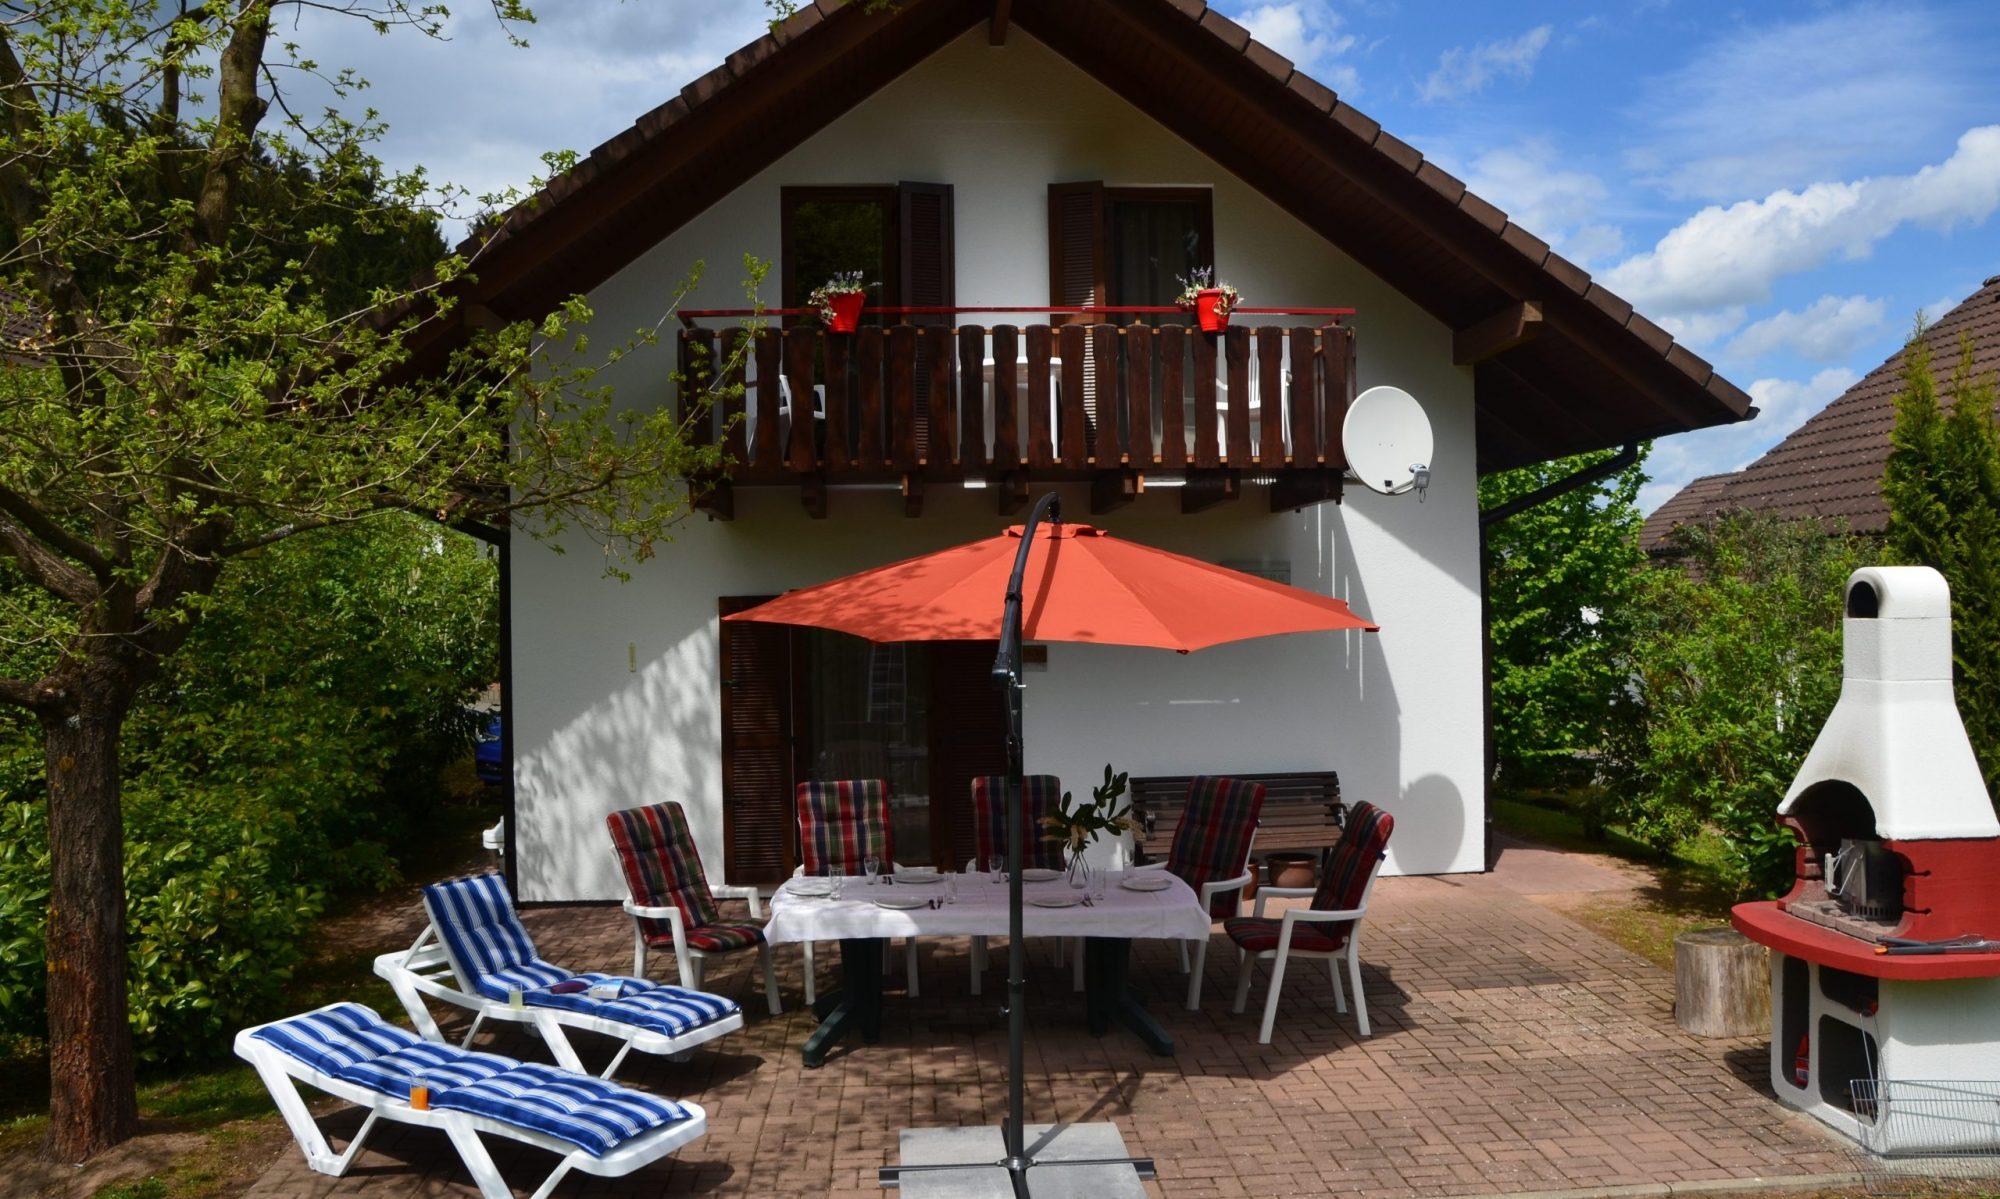 Seepark Kirchheim Ferienhaus